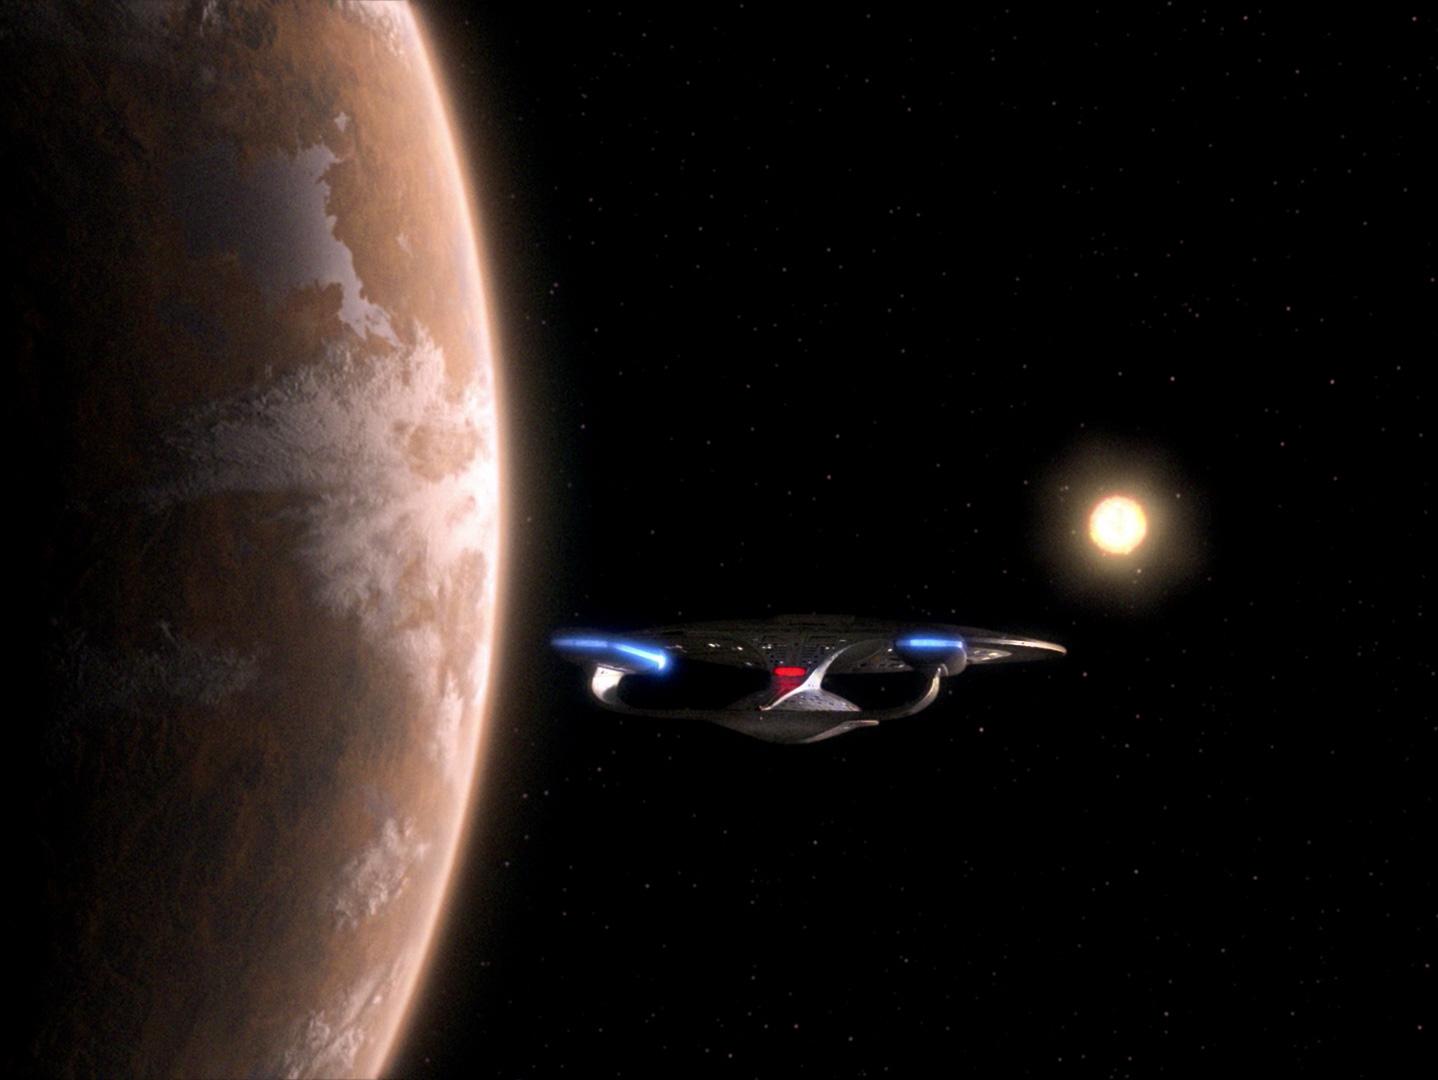 Zeta-Gelis-Cluster